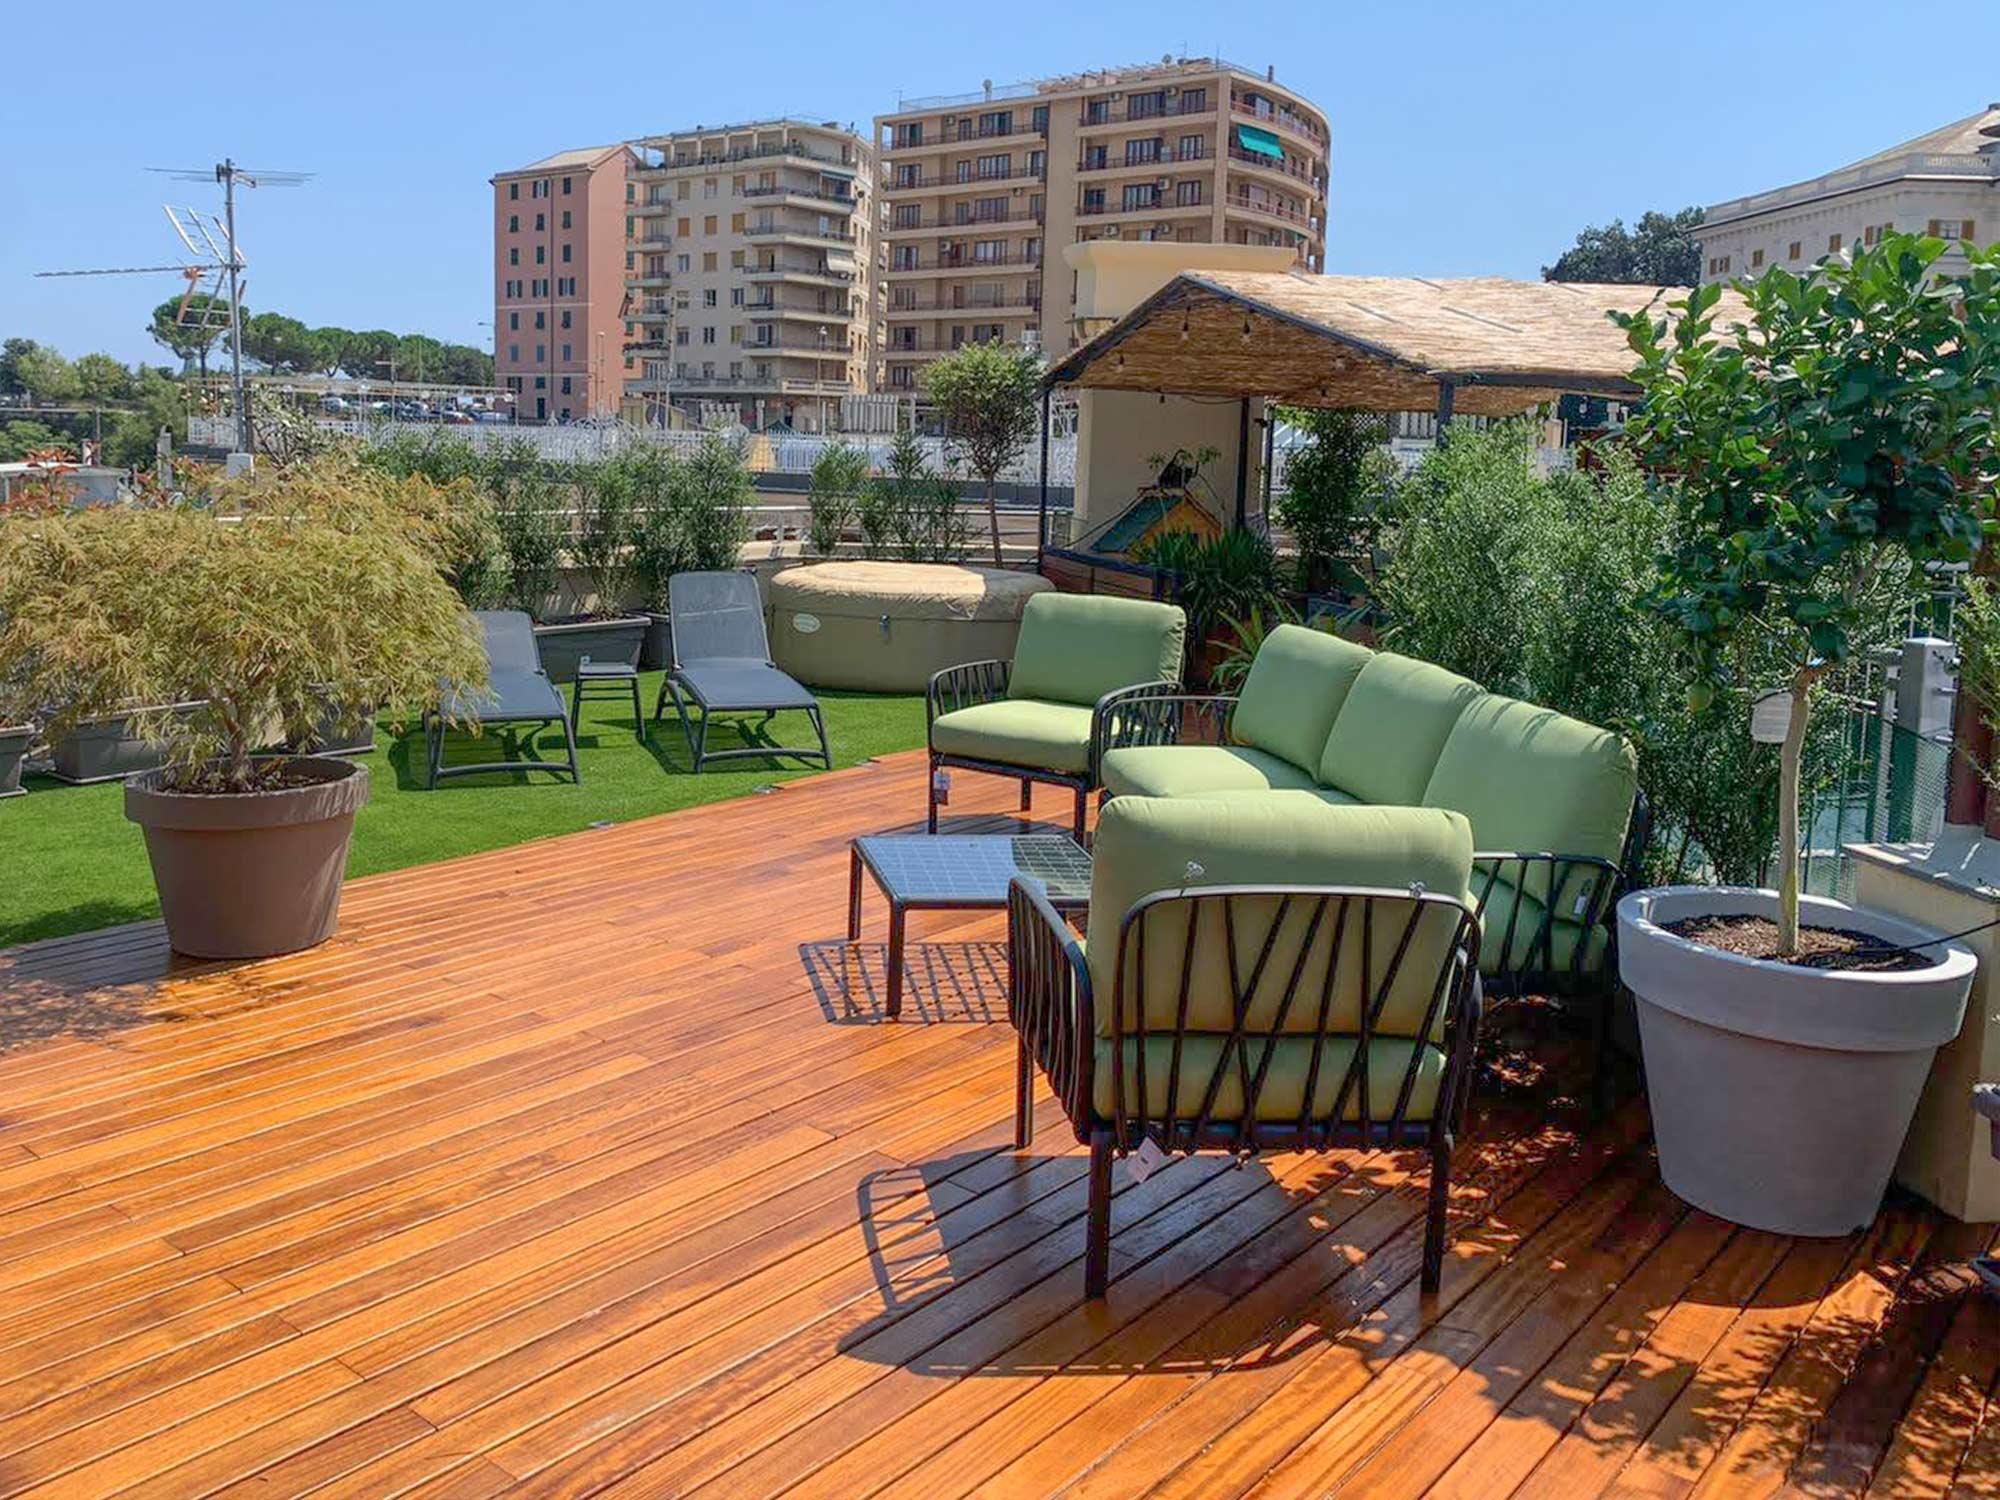 Progettazione_terrazzo_Genova_Parquet_da_esterno (1)